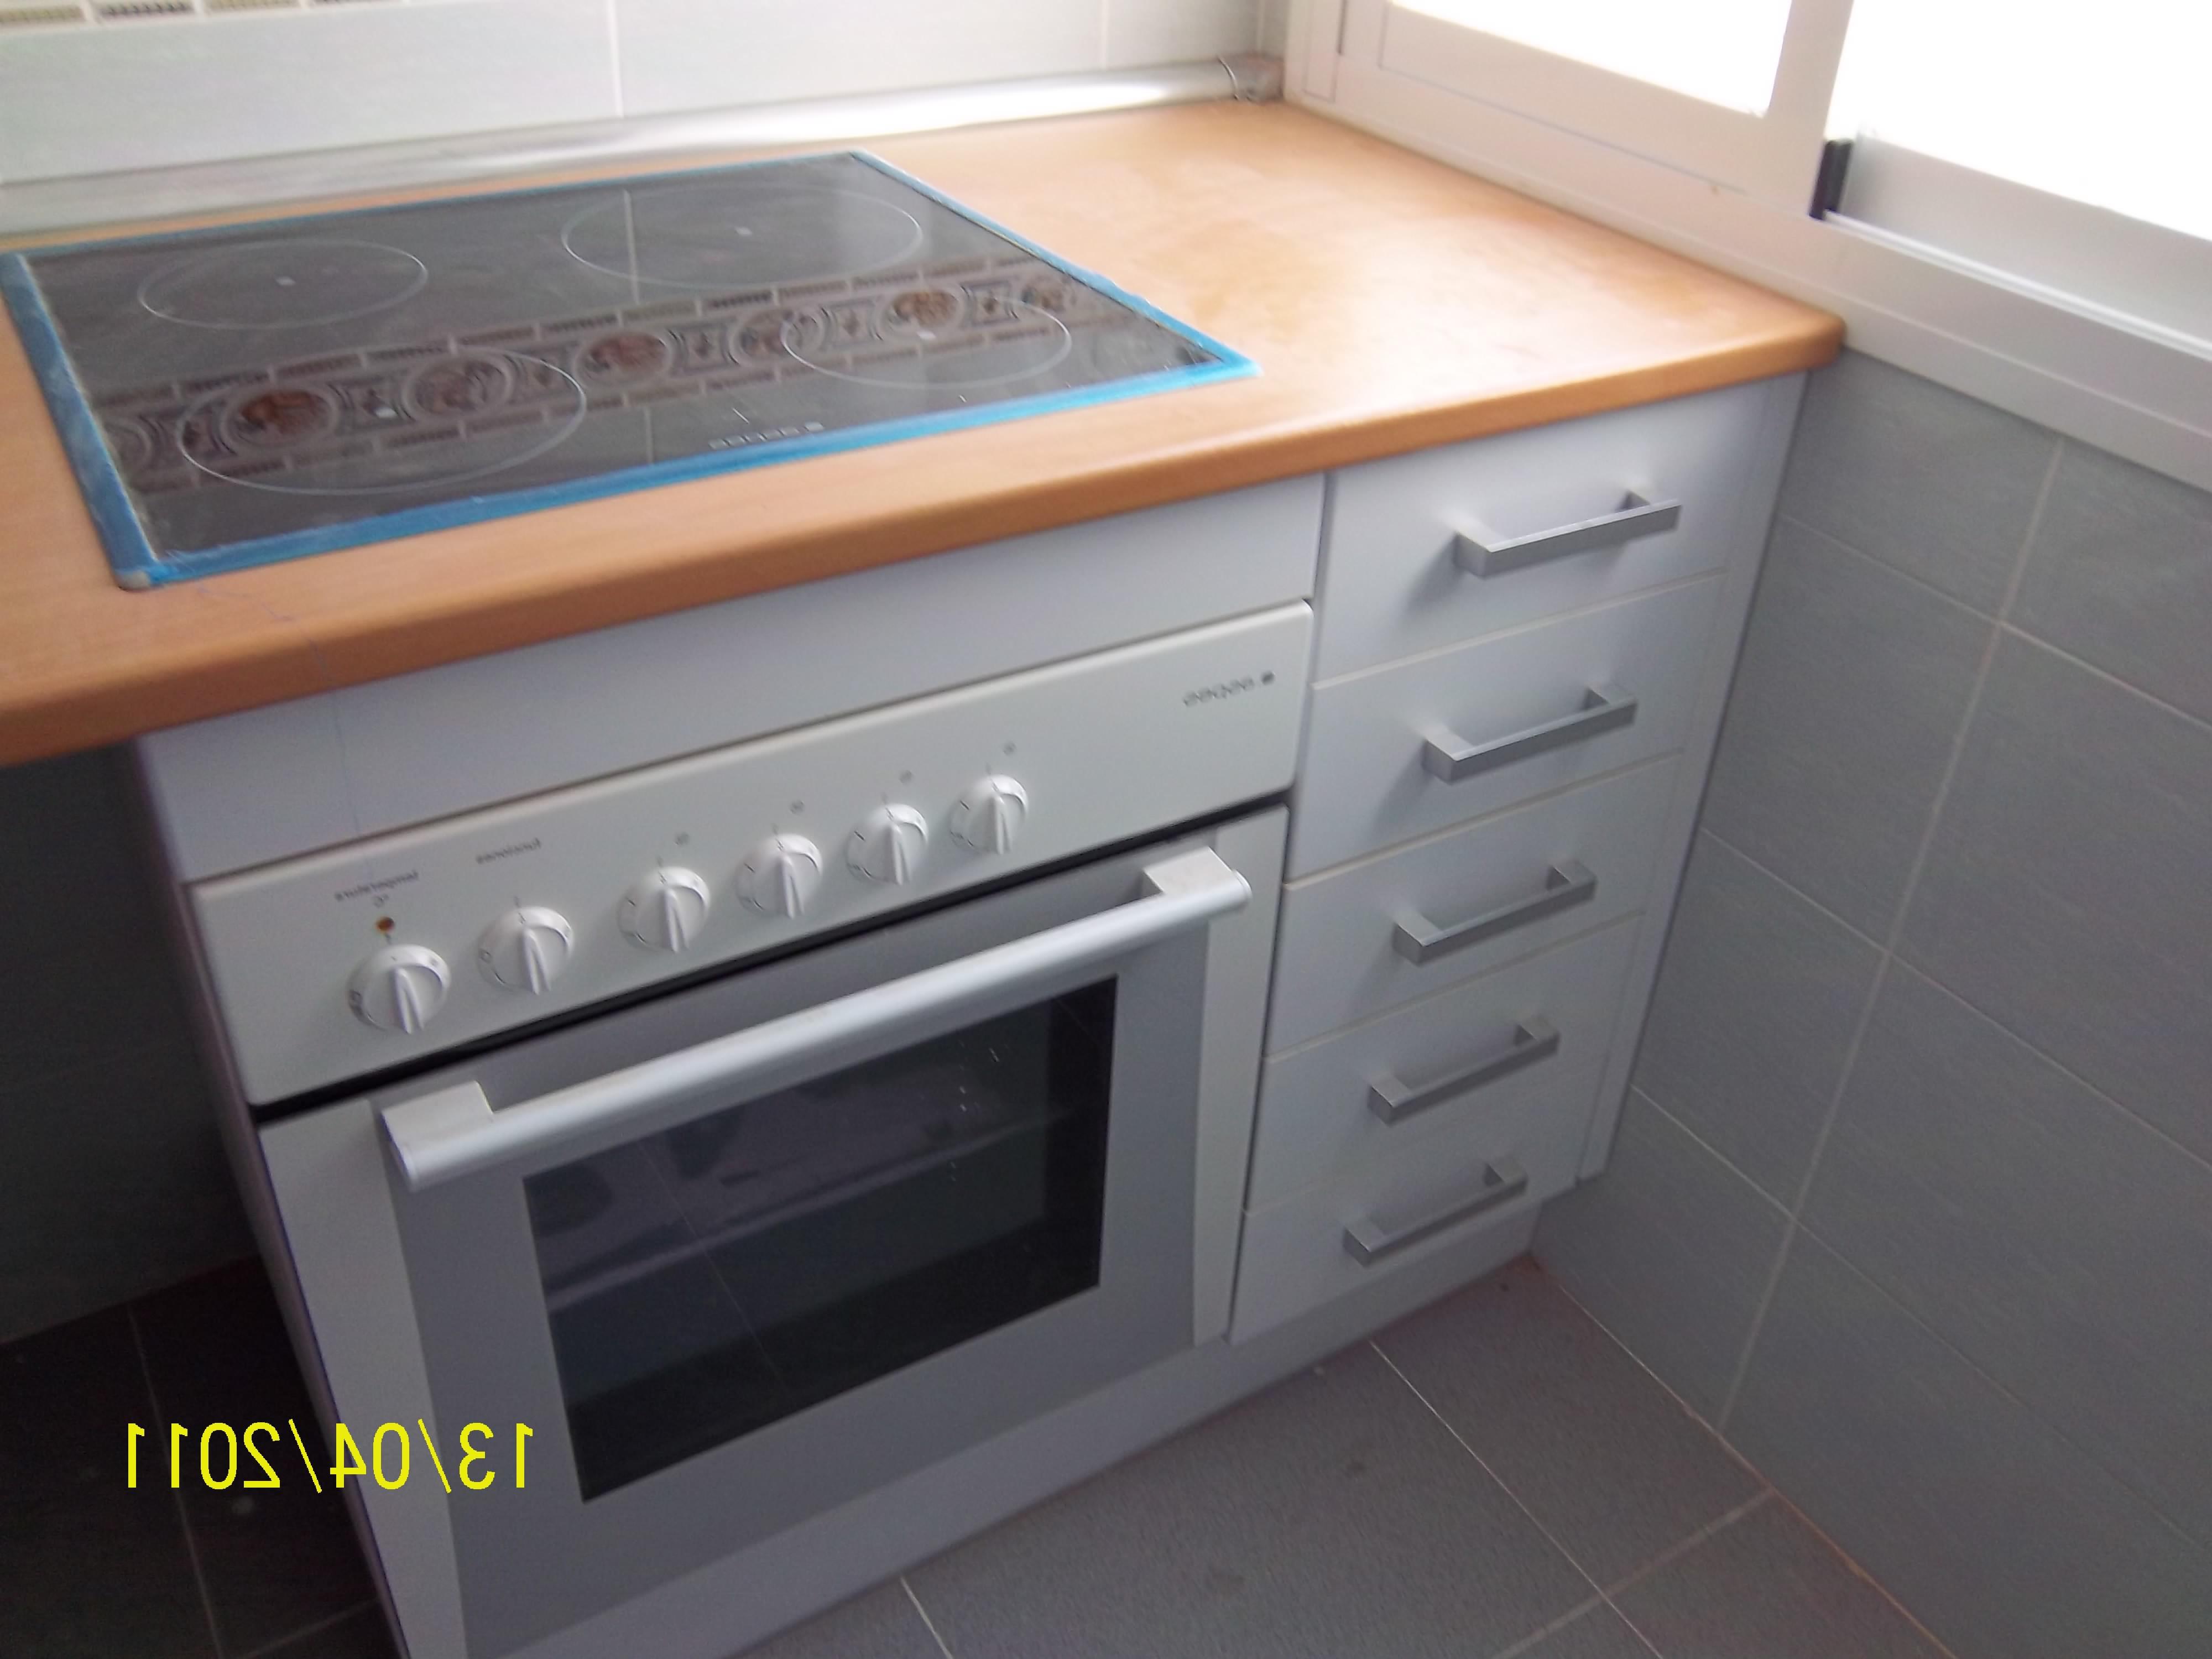 Mueble Para Encastrar Horno Y Encimera 87dx Mueble Para Encastrar Horno Y Encimera Concepto A Casa Diseno Interior